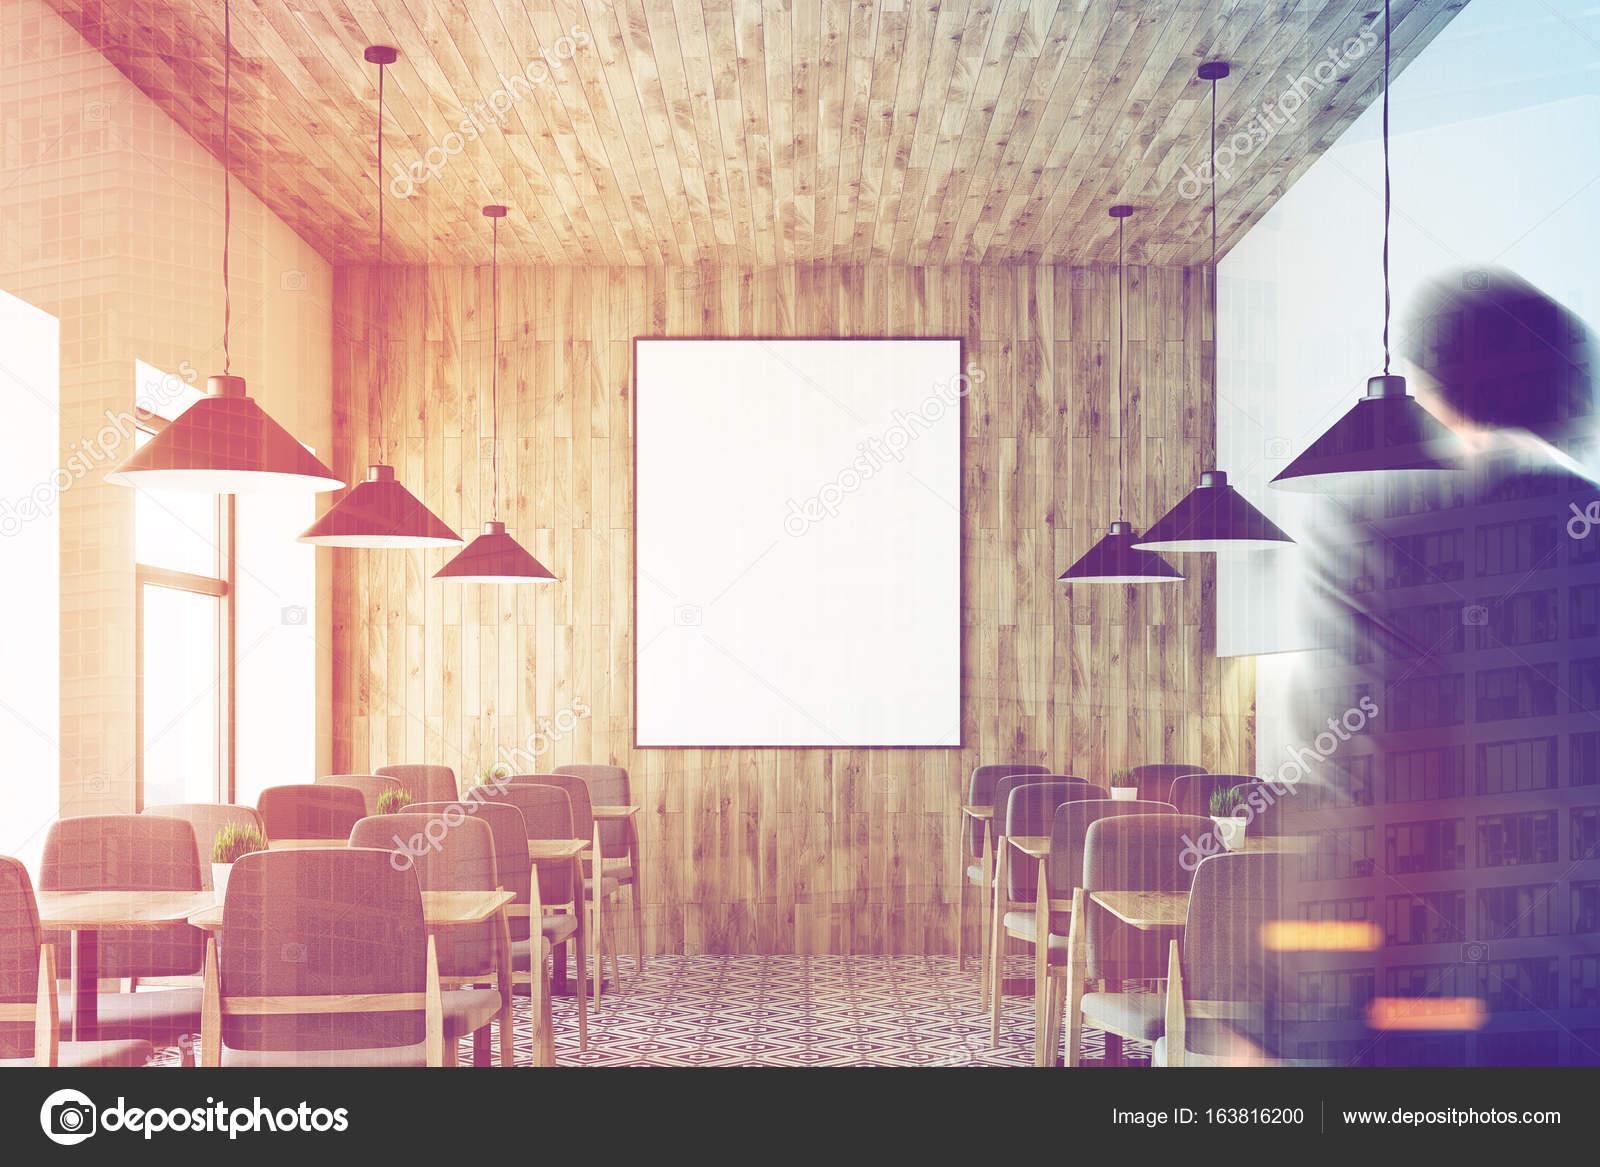 Soffitti In Legno Bianco : Bianco café soffitto in legno poster persone u2014 foto stock